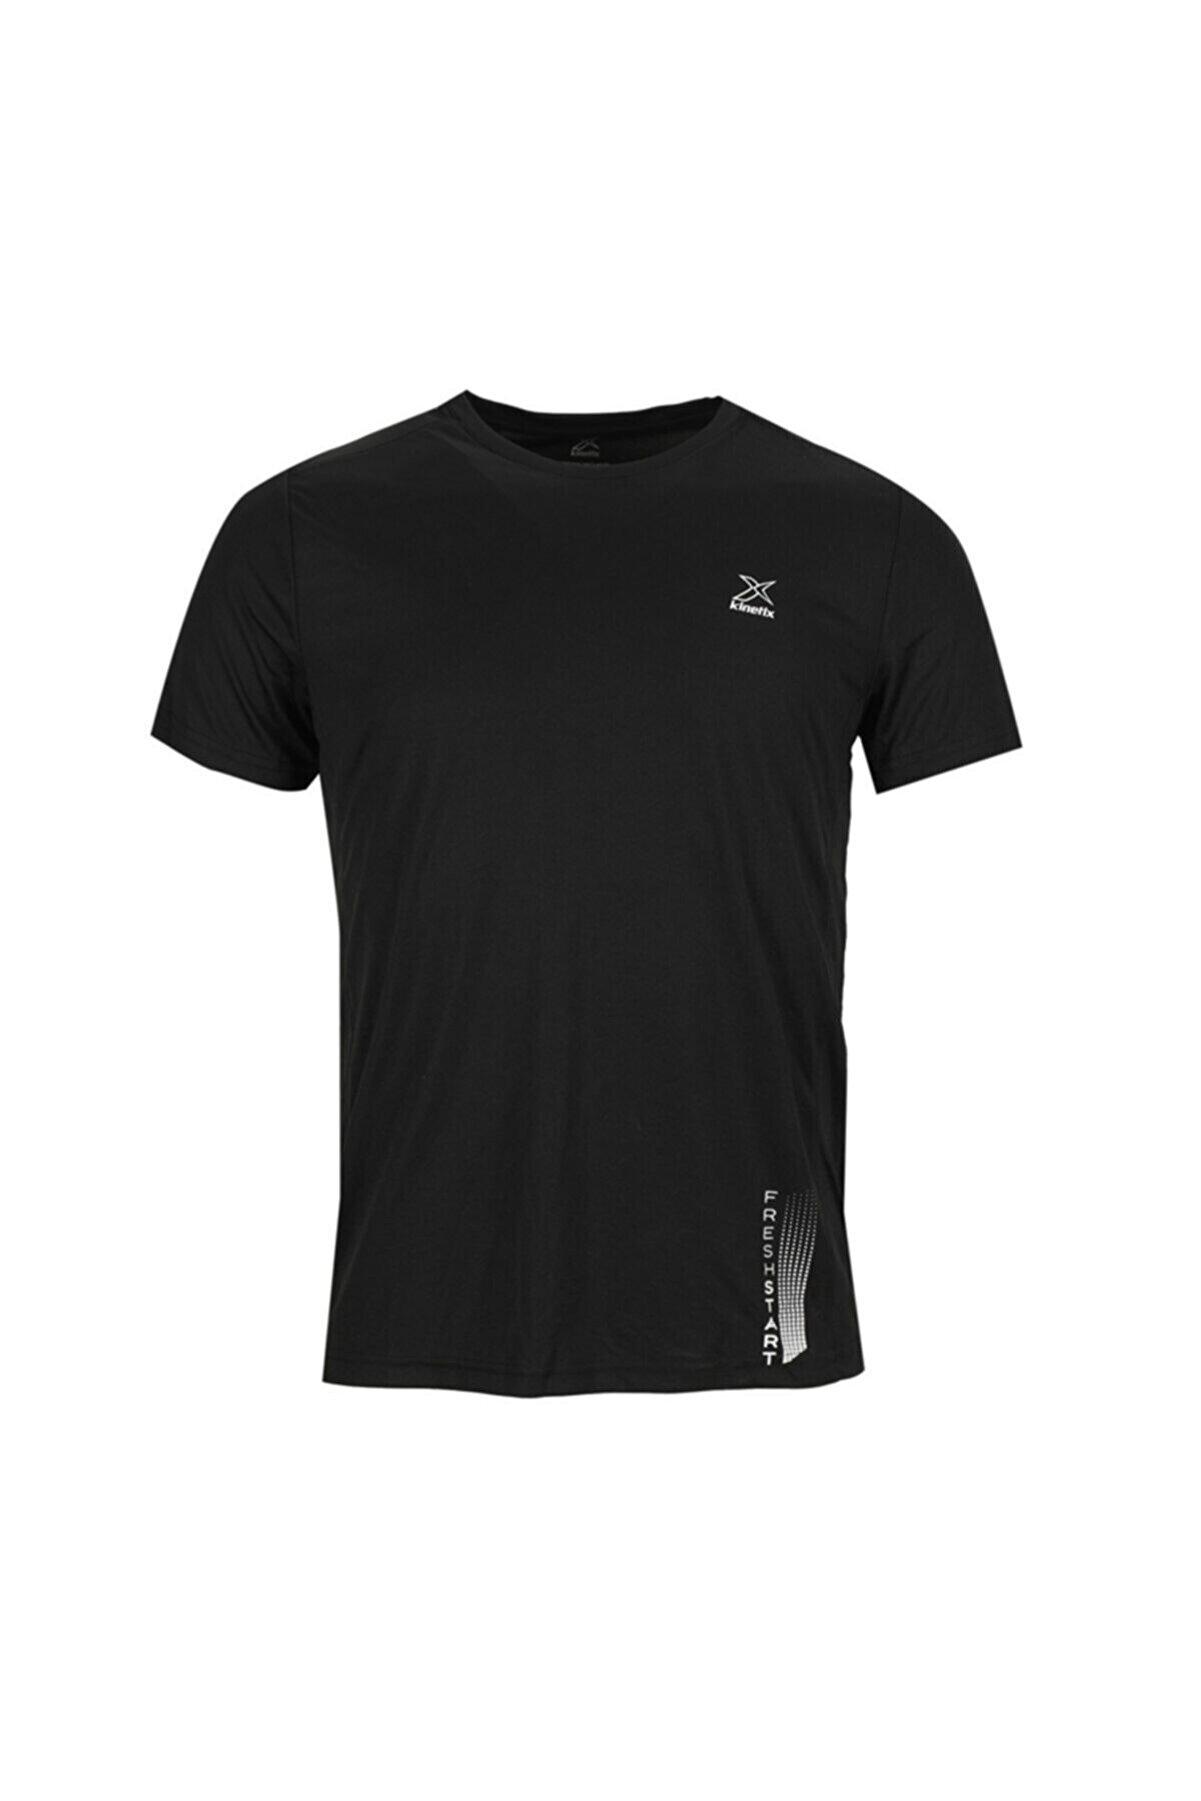 Kinetix SN243 ETON T-SHIRT Siyah Erkek T-Shirt 100583209